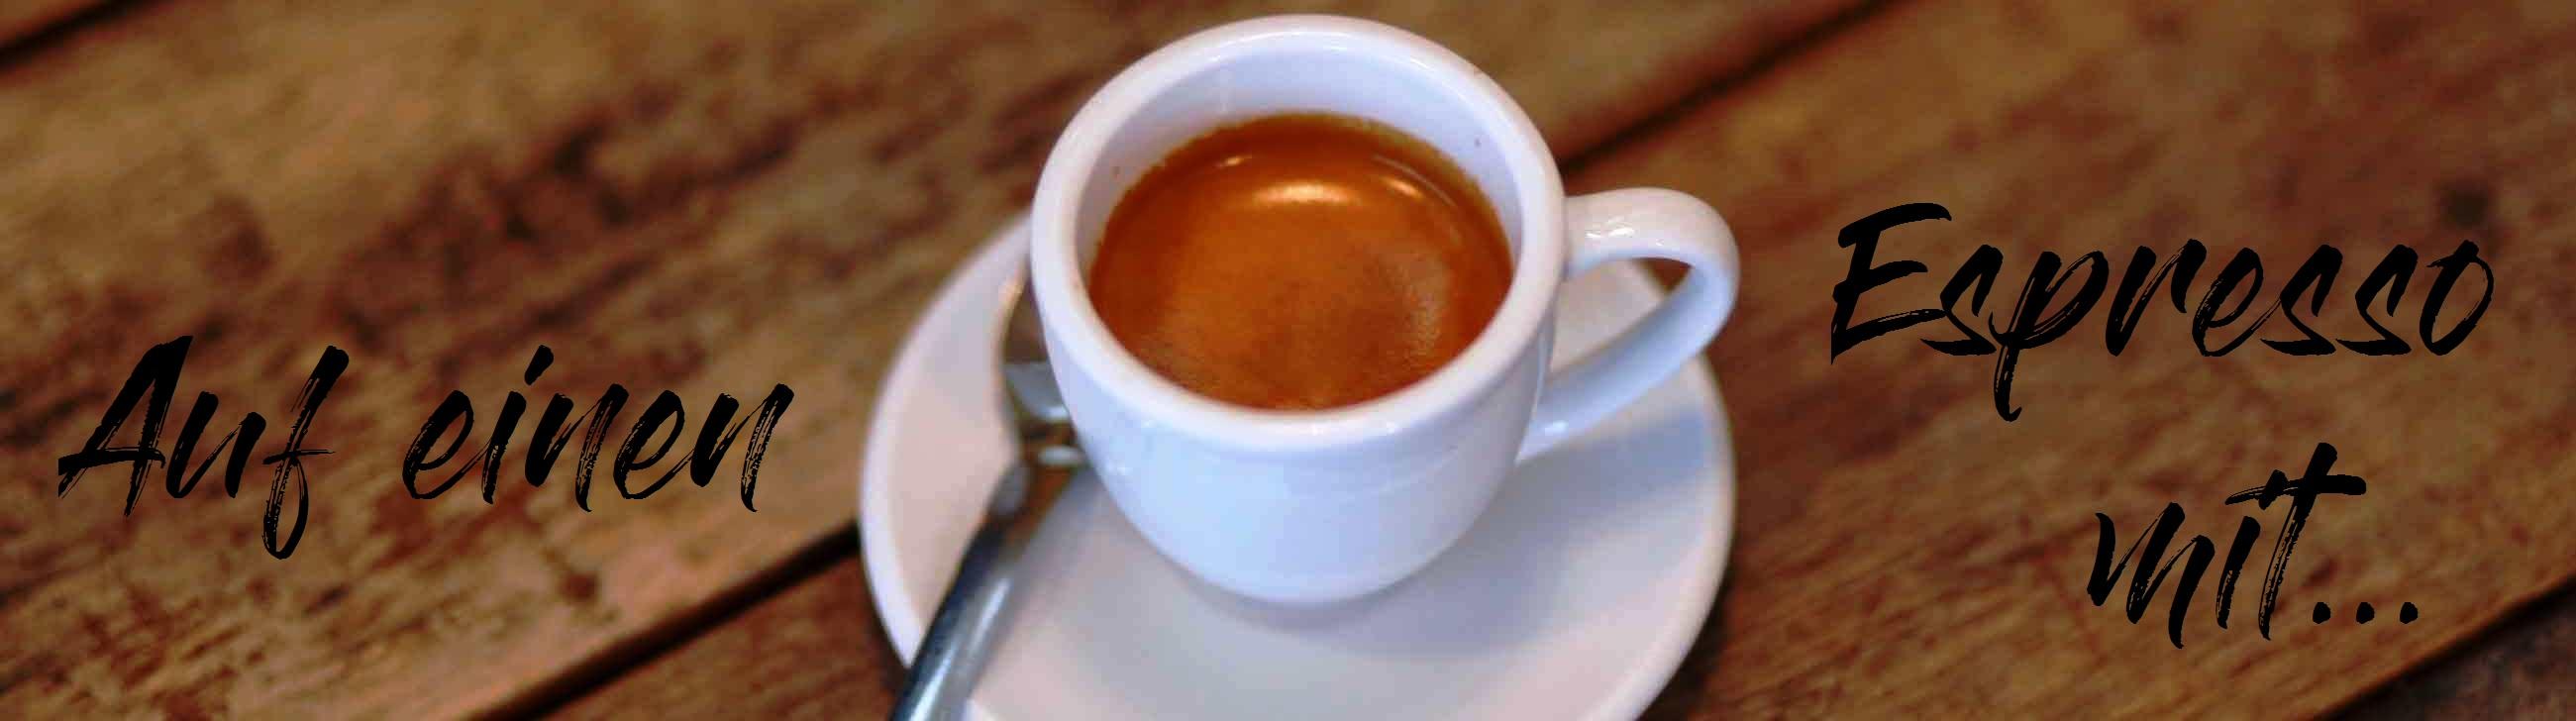 auf einen Espresso mit...